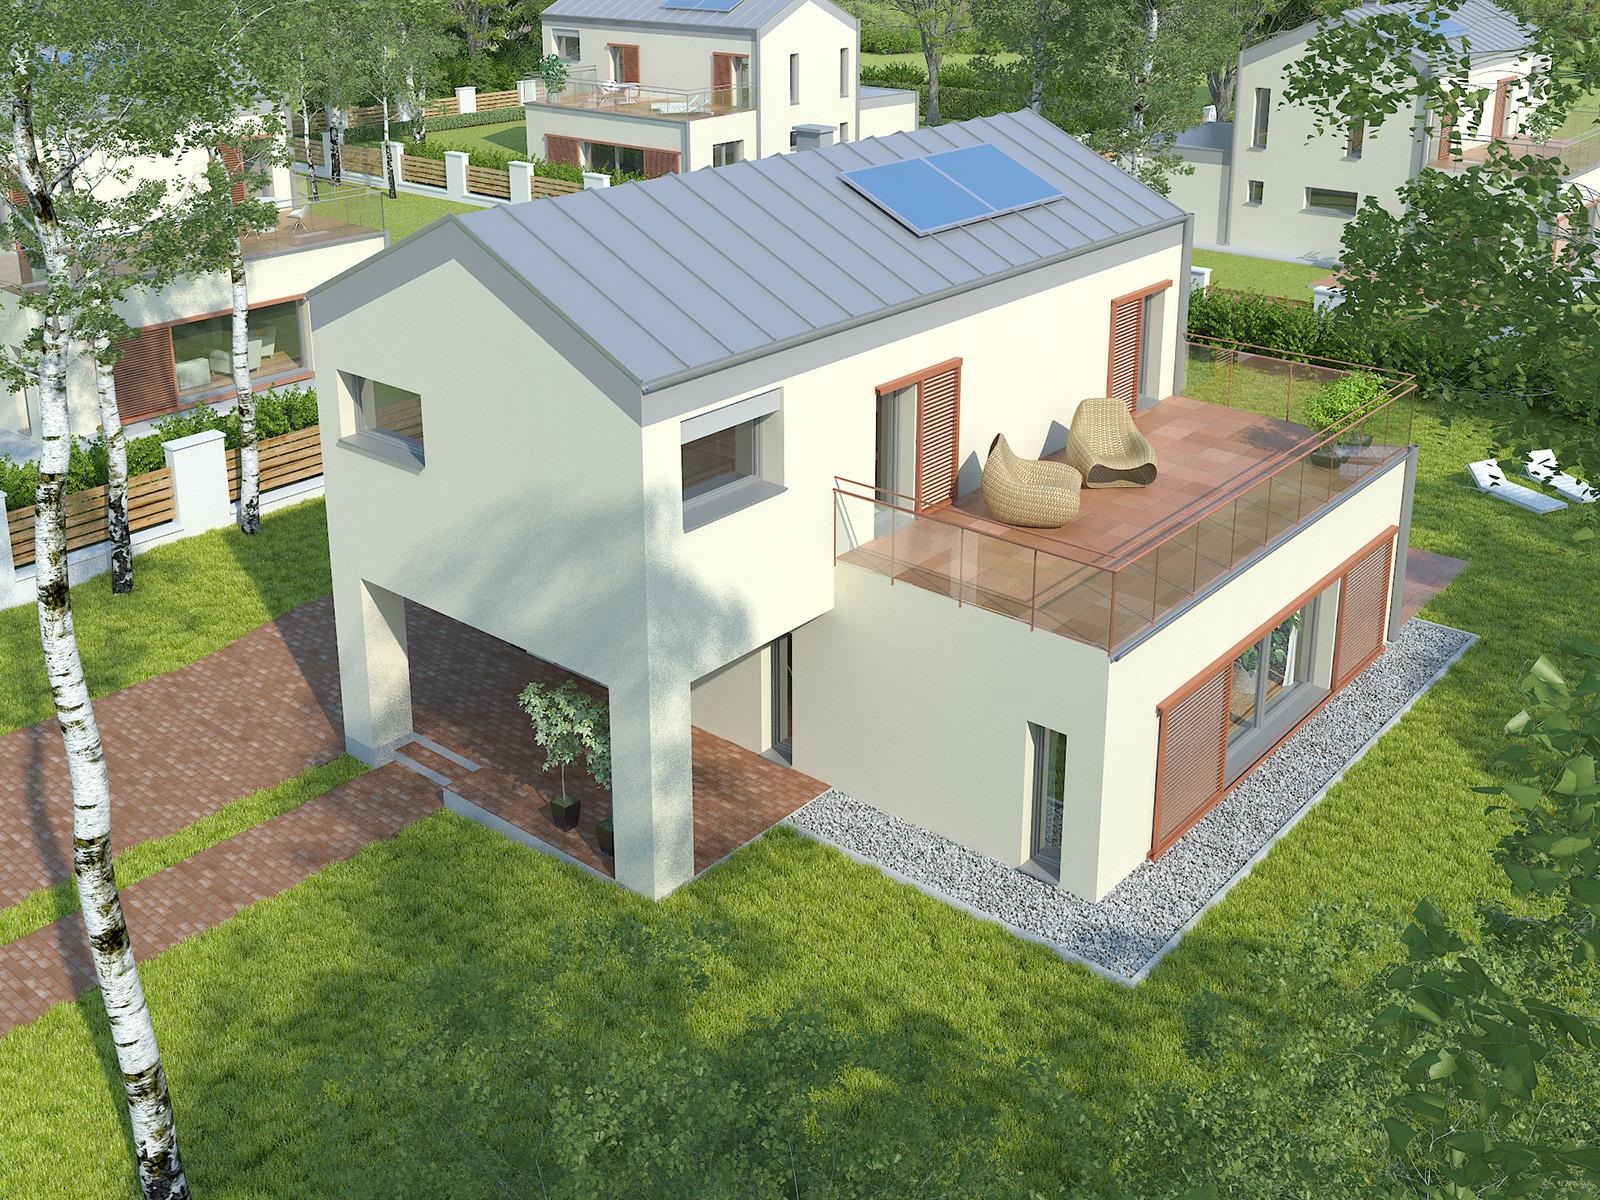 Projekt domu KĄT Domy Czystej Energii widok od frontu i od ogrodu